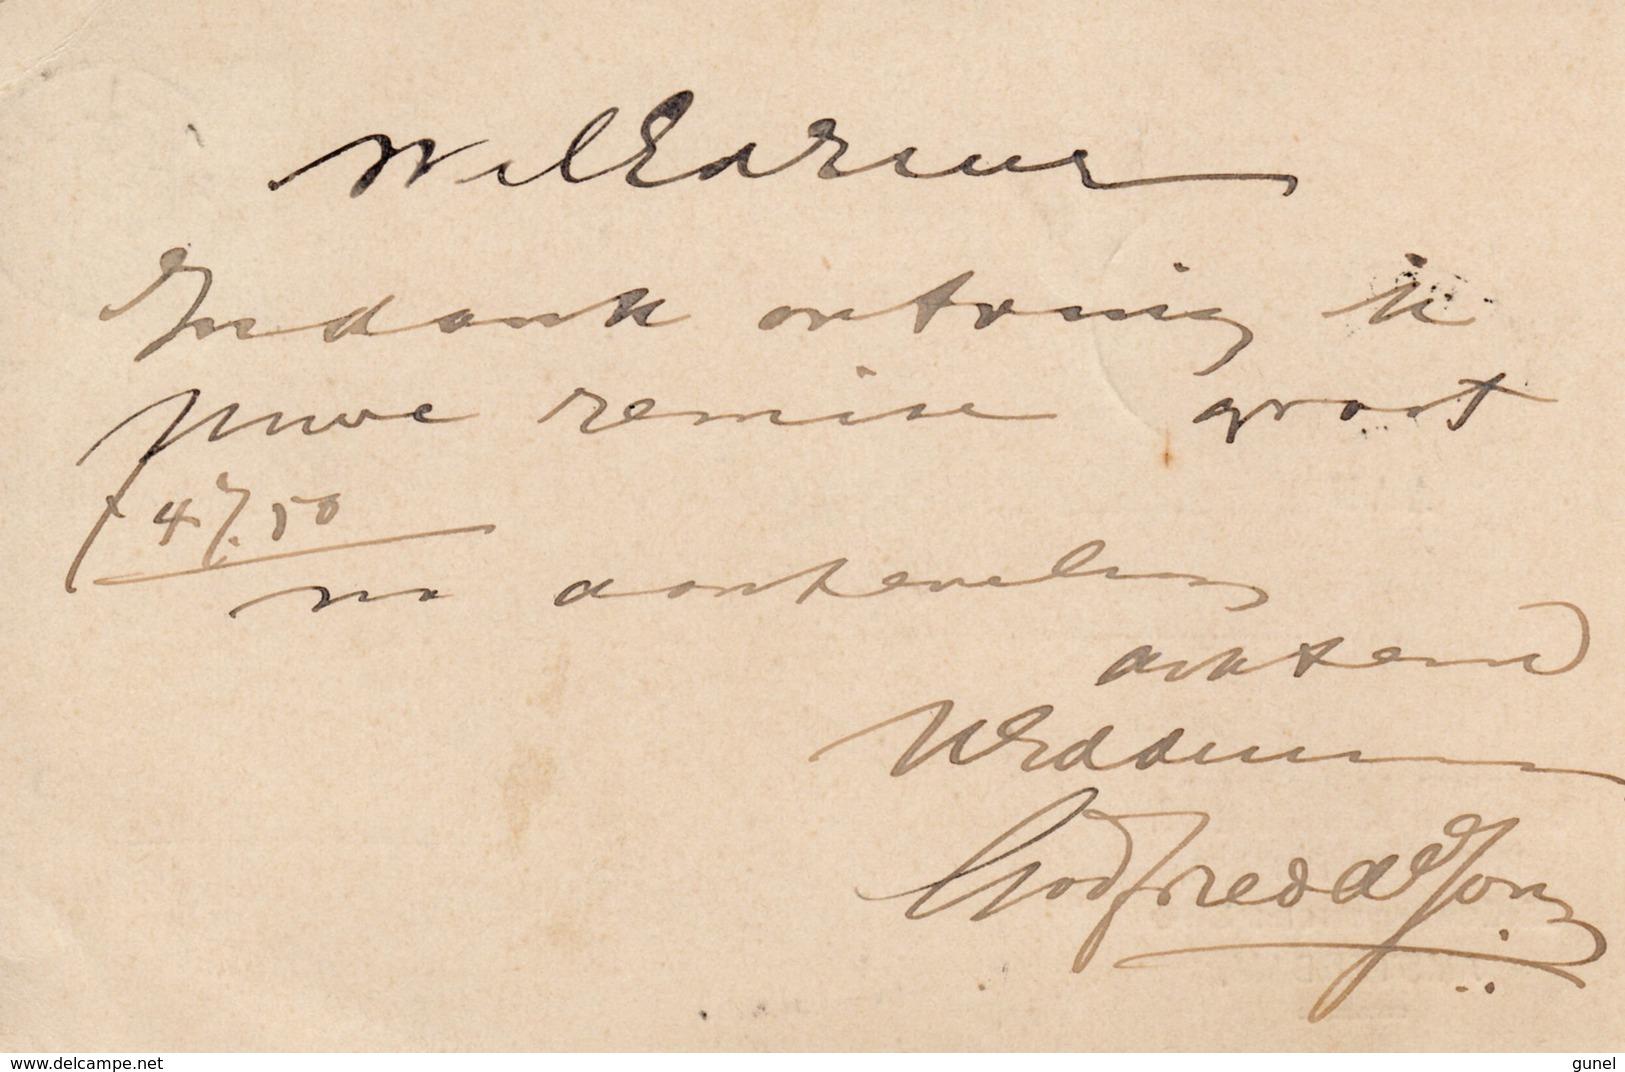 9 JUN 93  Correspondentiekaart Met Firmalogo  Met NVPH34  Van Anmsterdam Naar OOTMARSUM (kleinrond) - Periode 1891-1948 (Wilhelmina)